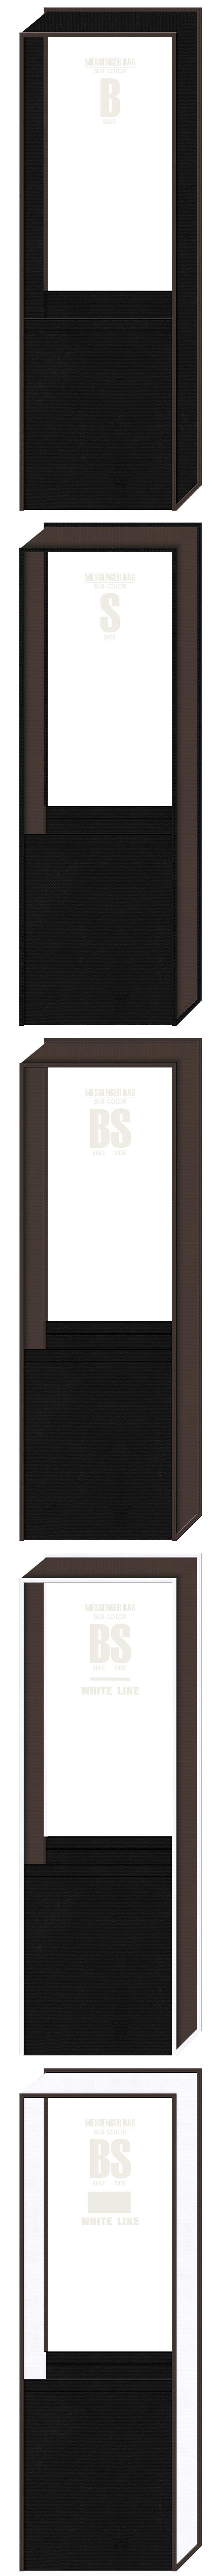 不織布メッセンジャーバッグのカラーシミュレーション(黒色・こげ茶色・白色):展示会用バッグ(戦国ゲーム)にお奨めです。